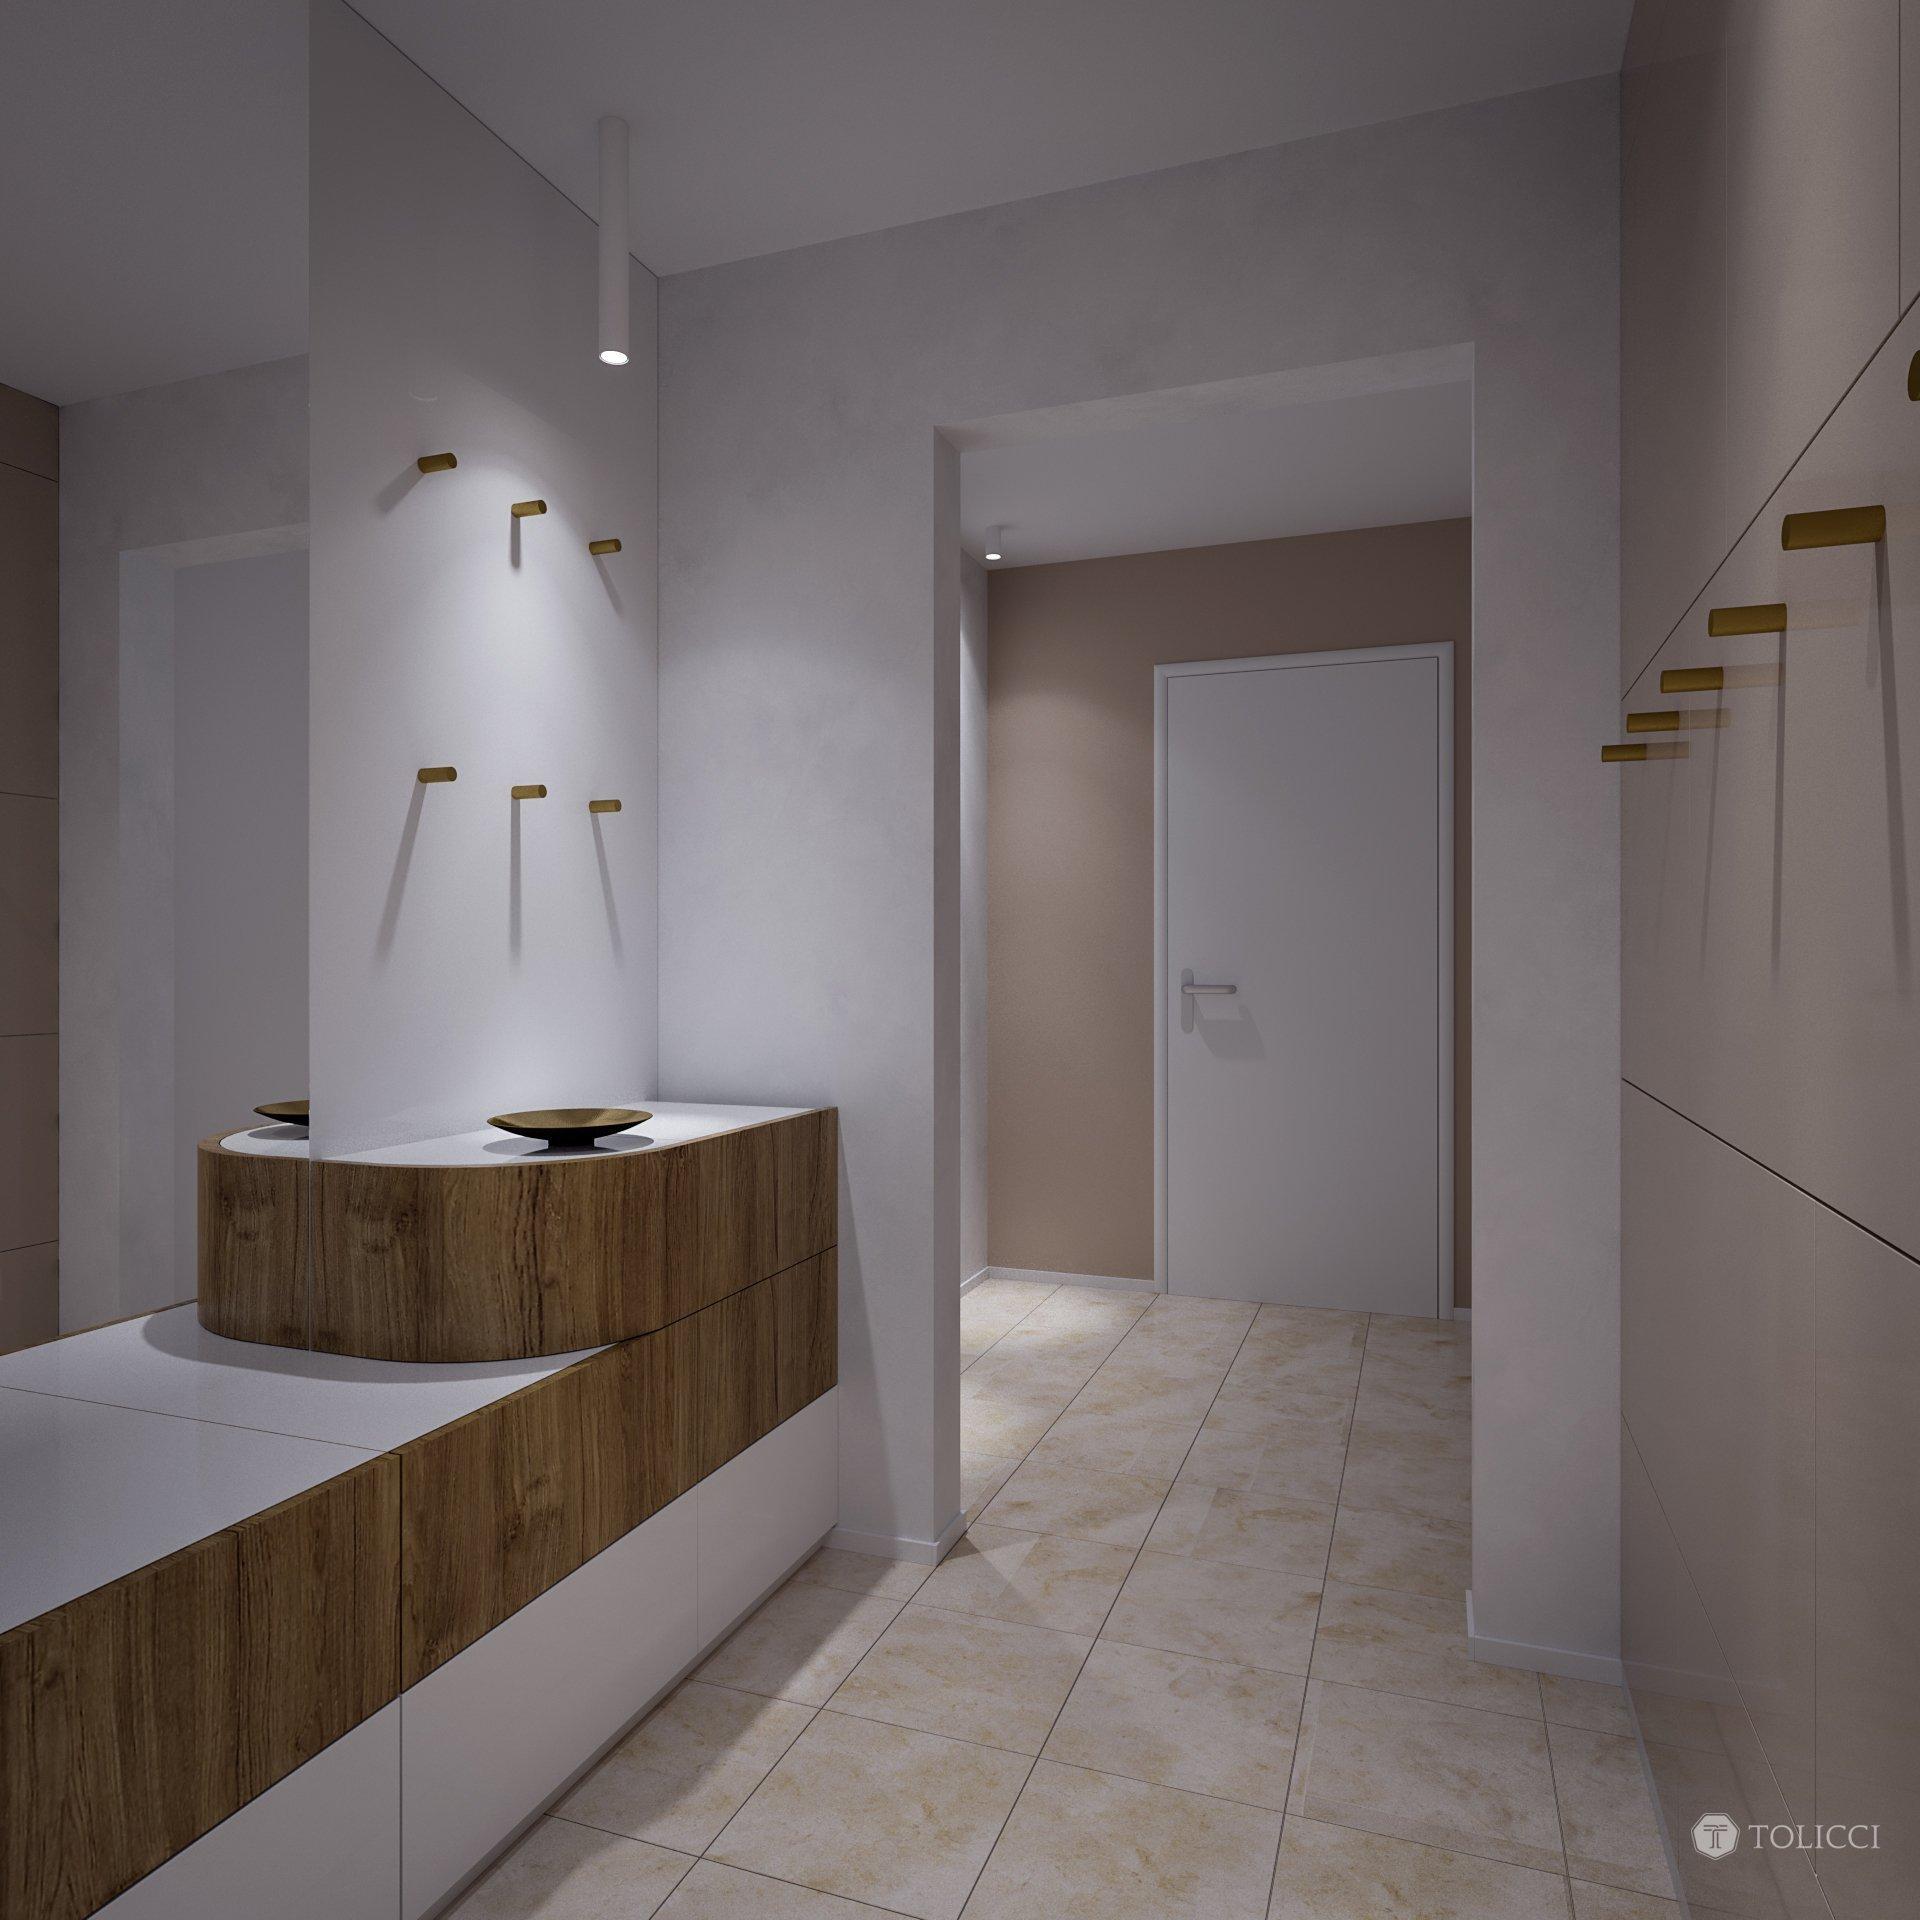 Cieľom návrhu rekonštrukcie bytu bolo vytvoriť prirodzený, jednoduchý a elegantný dizajn. Základ interiéru tvoria jednoduché línie doplnené o príjemné farebné…